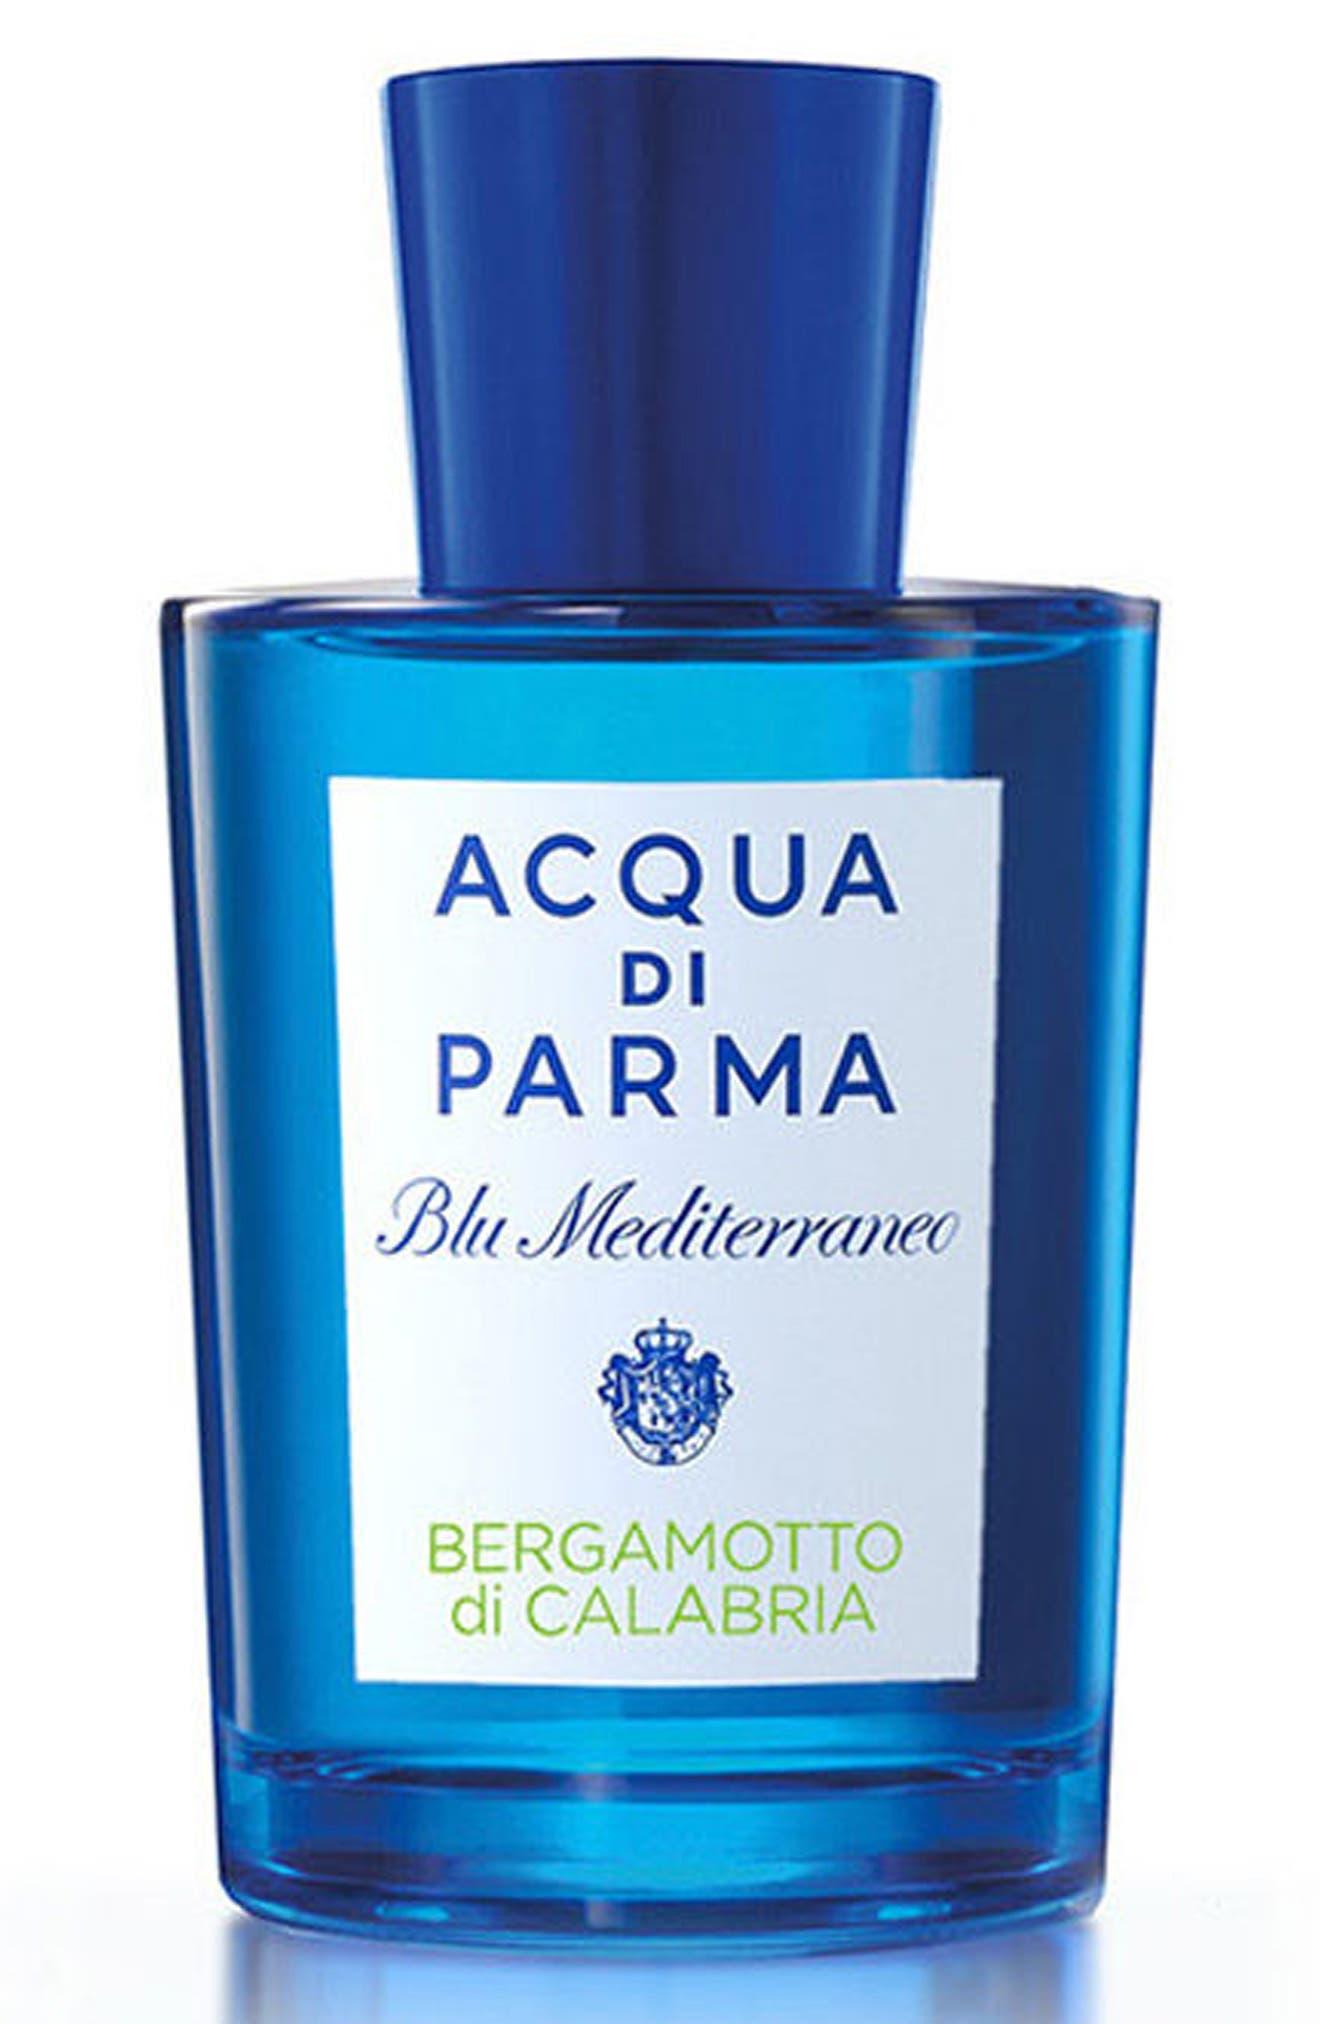 Main Image - Acqua di Parma 'Blu Mediterraneo' Bergamotto di Calabria Eau de Toilette Spray